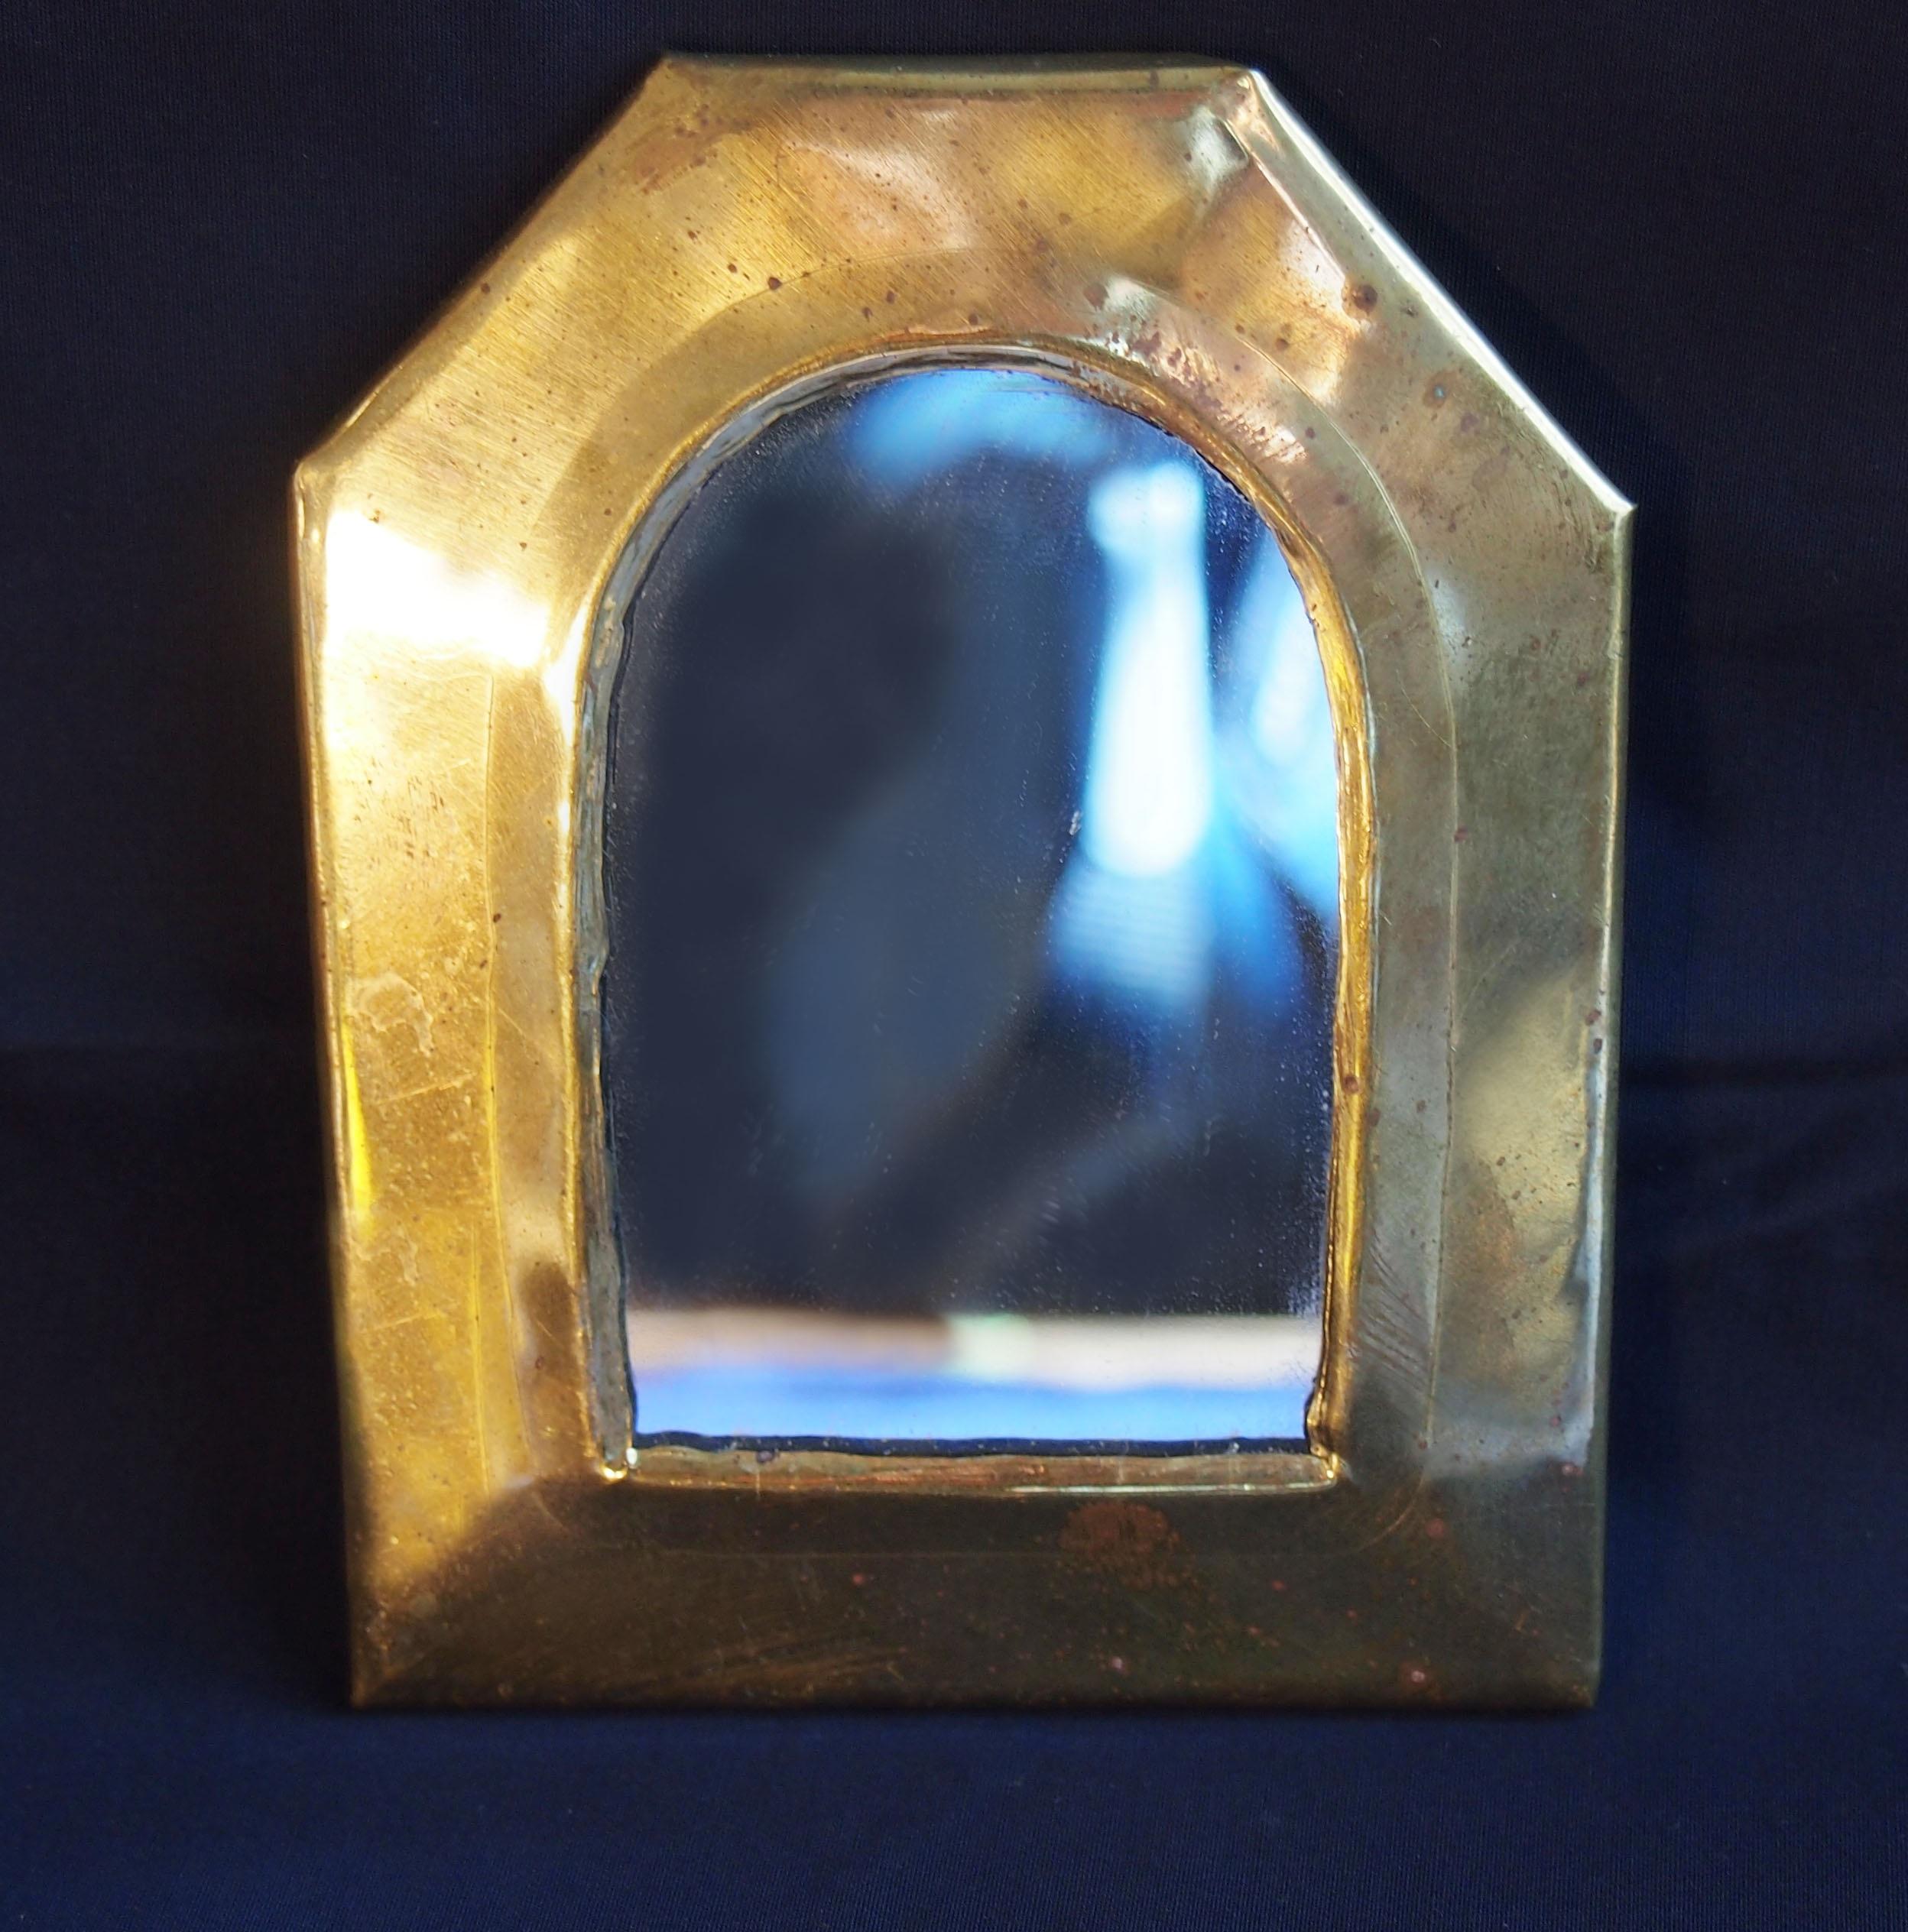 Kostenlose foto : Licht, Betrachtung, Metall, Beleuchtung, Material ...